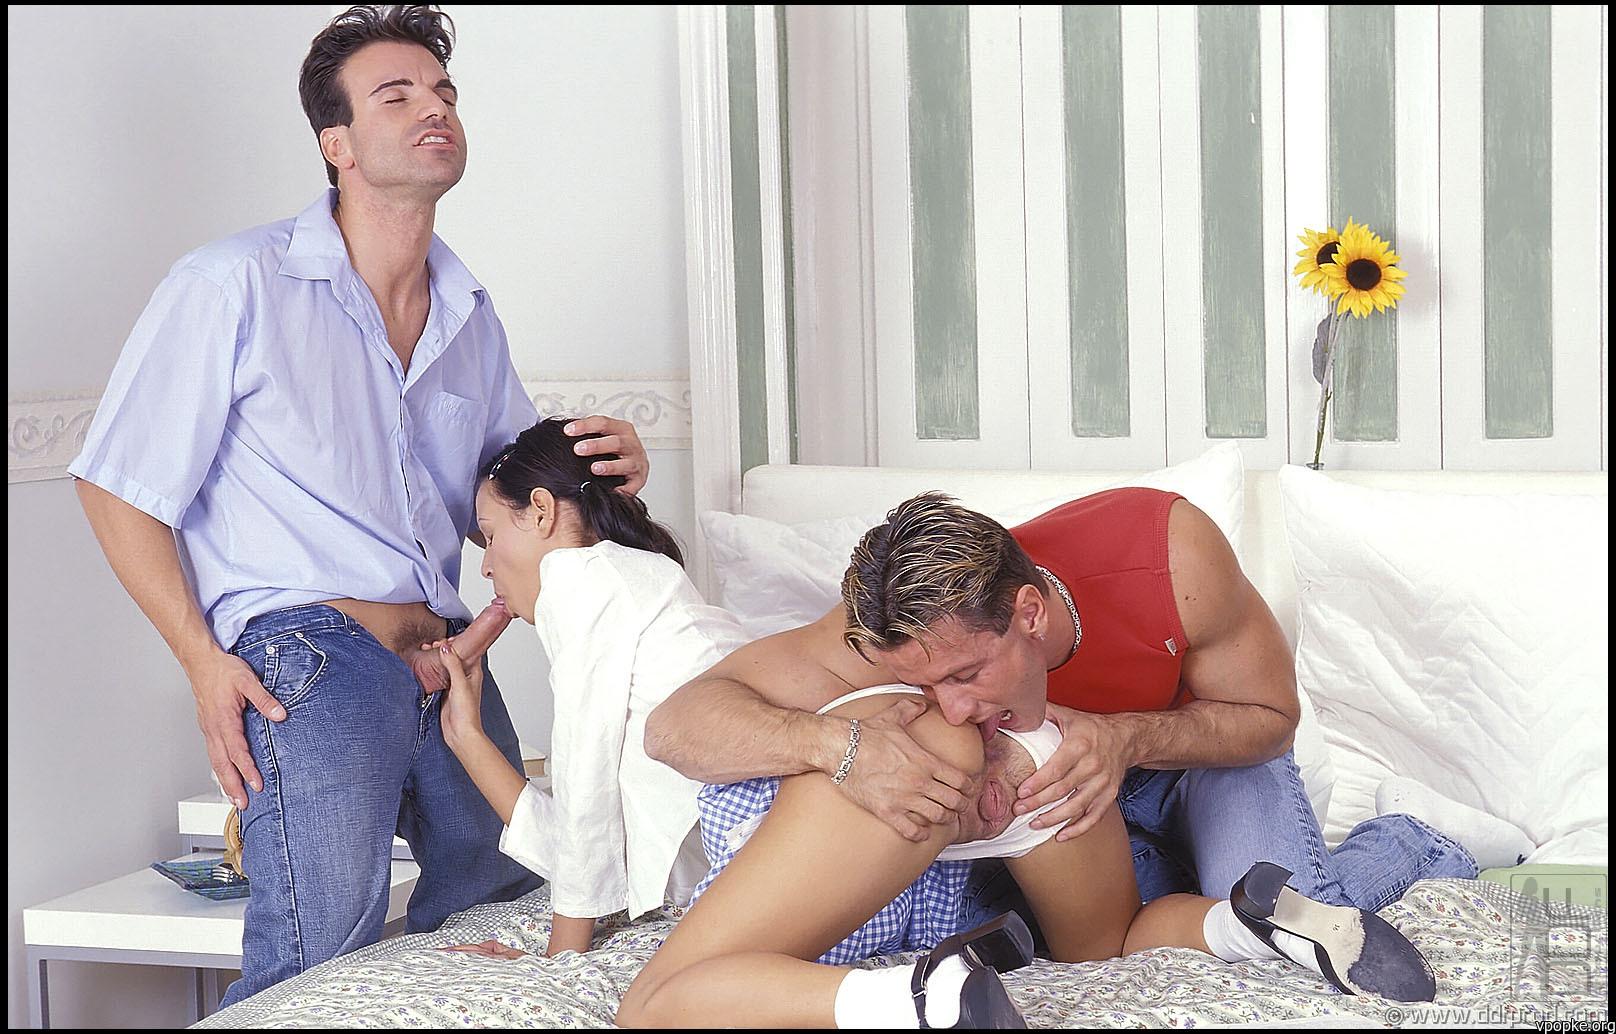 Скрытый секс папы и дочери 23 фотография